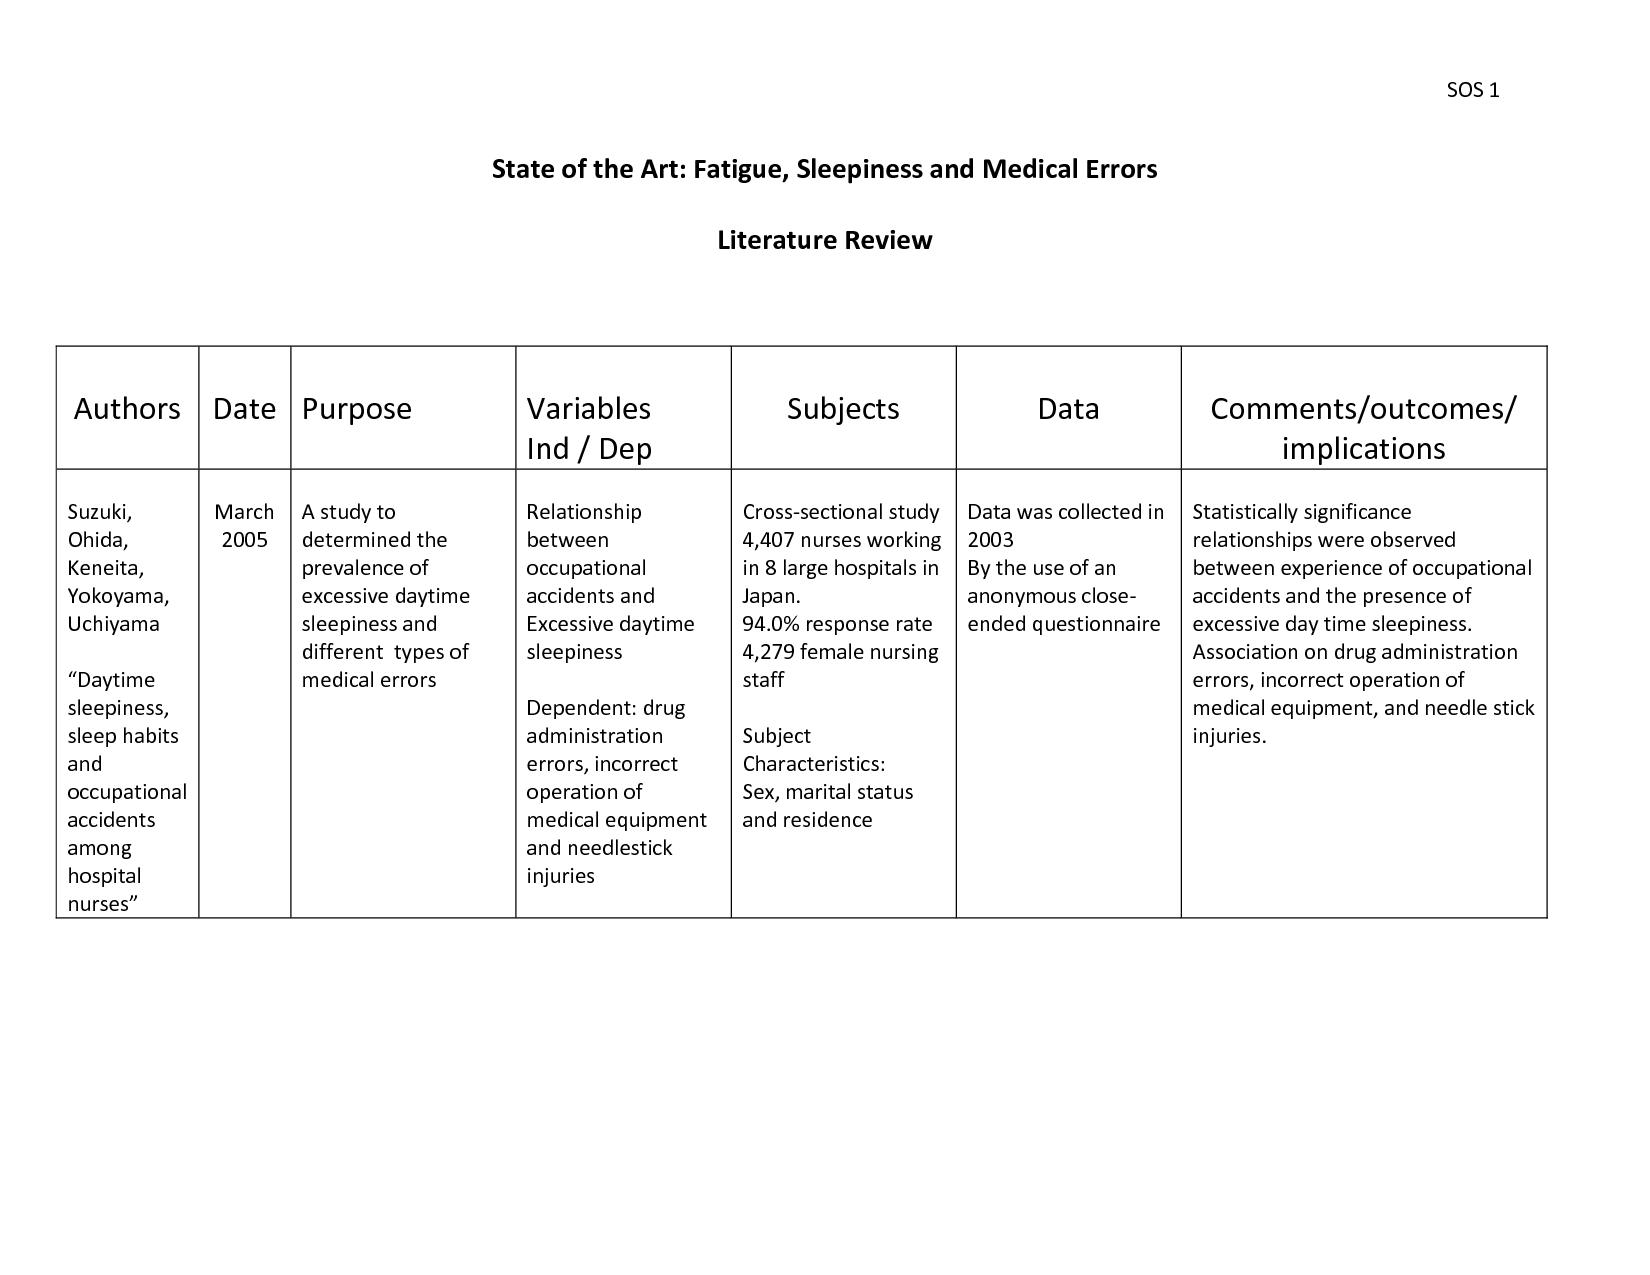 Literature Review Matrix